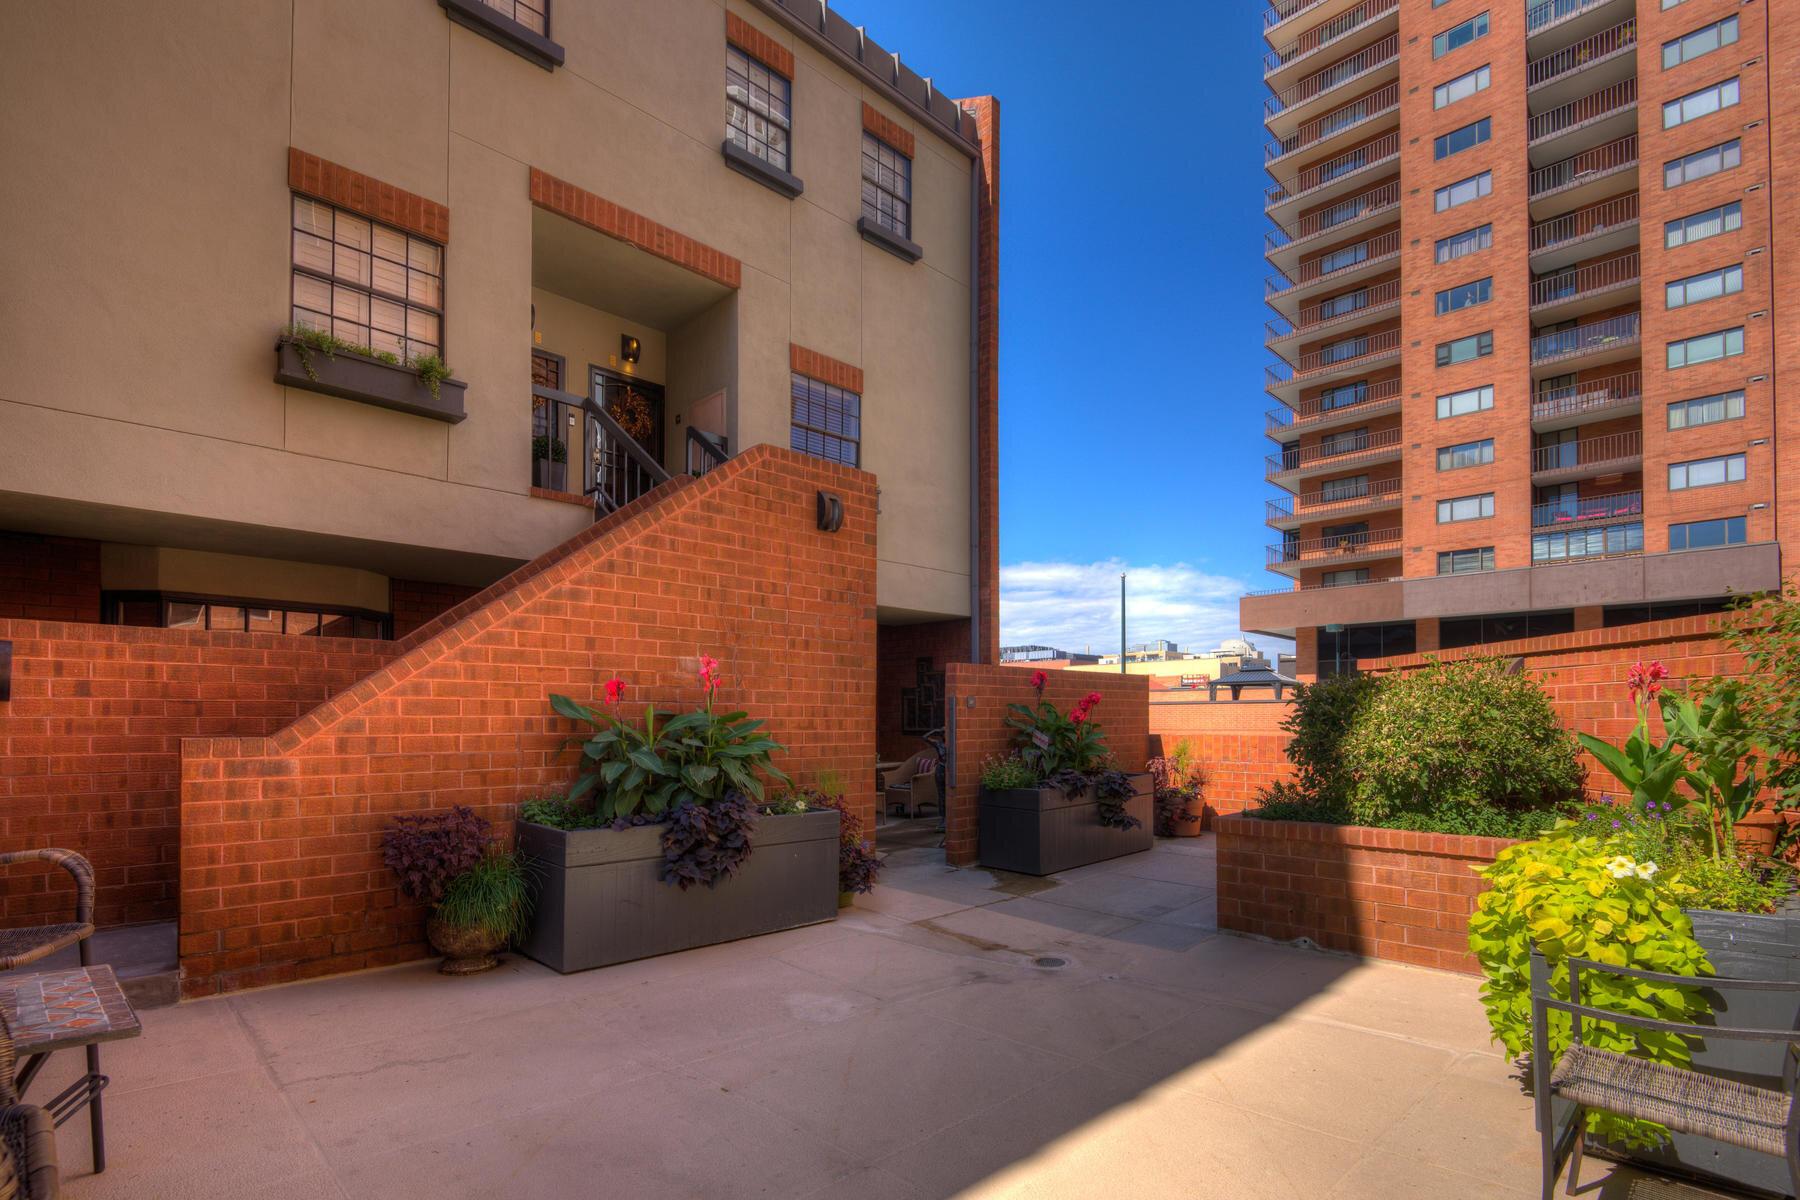 1512 Larimer Street-003-001-Exterior-MLS_Size.jpg